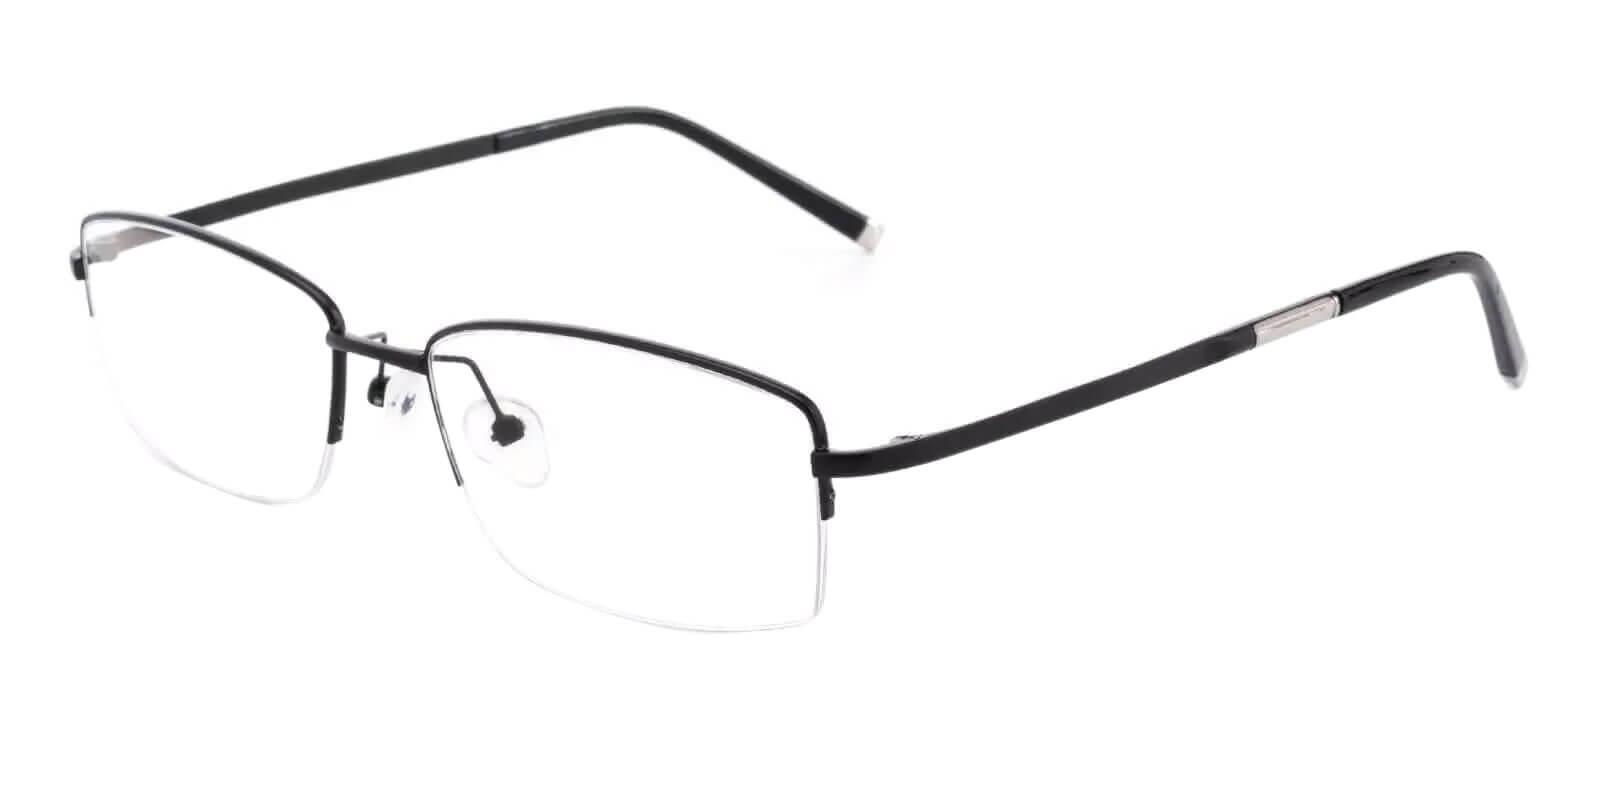 Noah Black Titanium Eyeglasses , NosePads Frames from ABBE Glasses